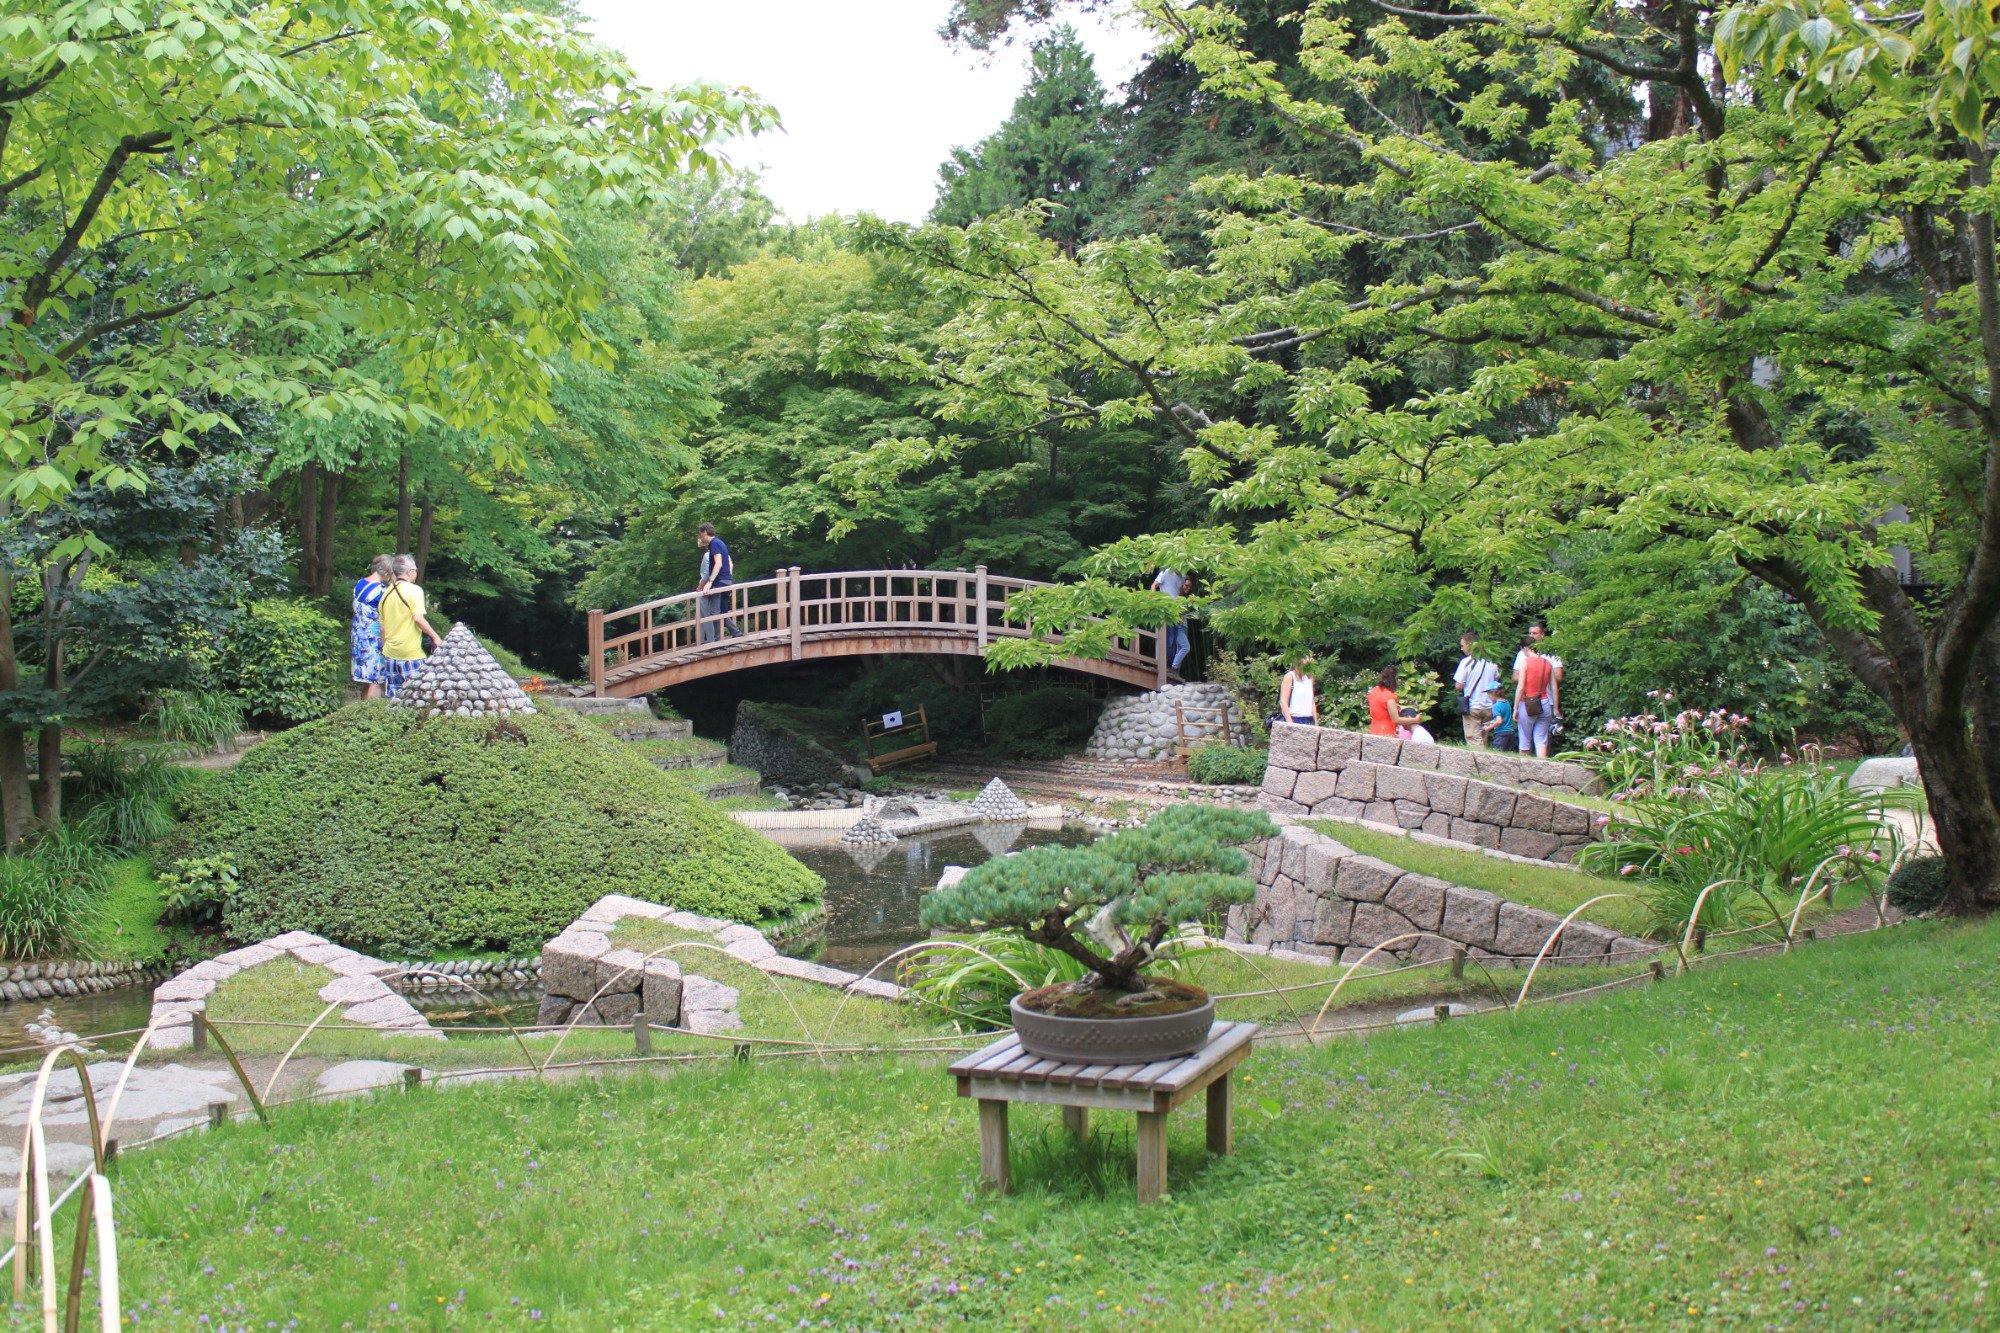 Albert kahn musee et jardins boulogne billancourt ce qu 39 il faut savoir tripadvisor - Mobilier jardin espagne boulogne billancourt ...